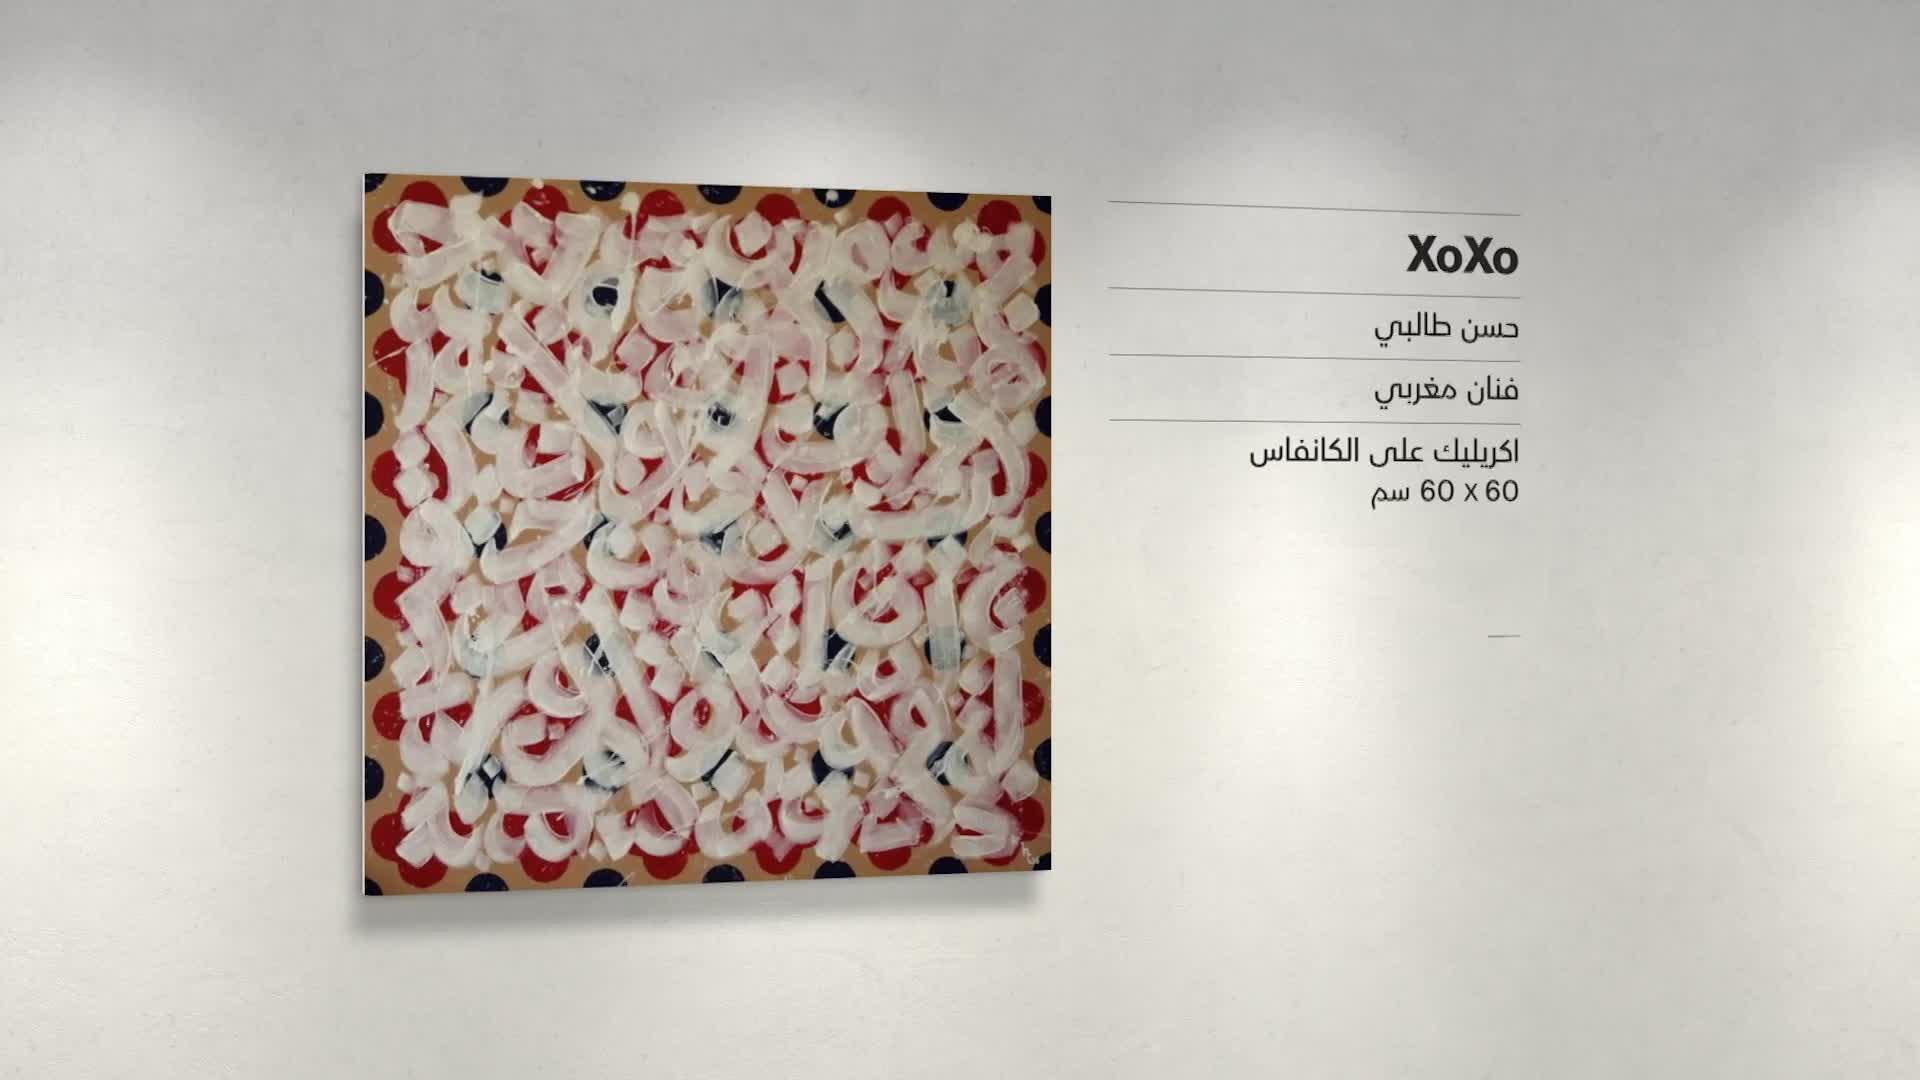 """غاليري الشرق - """"xoxo"""" حسن طالبي"""